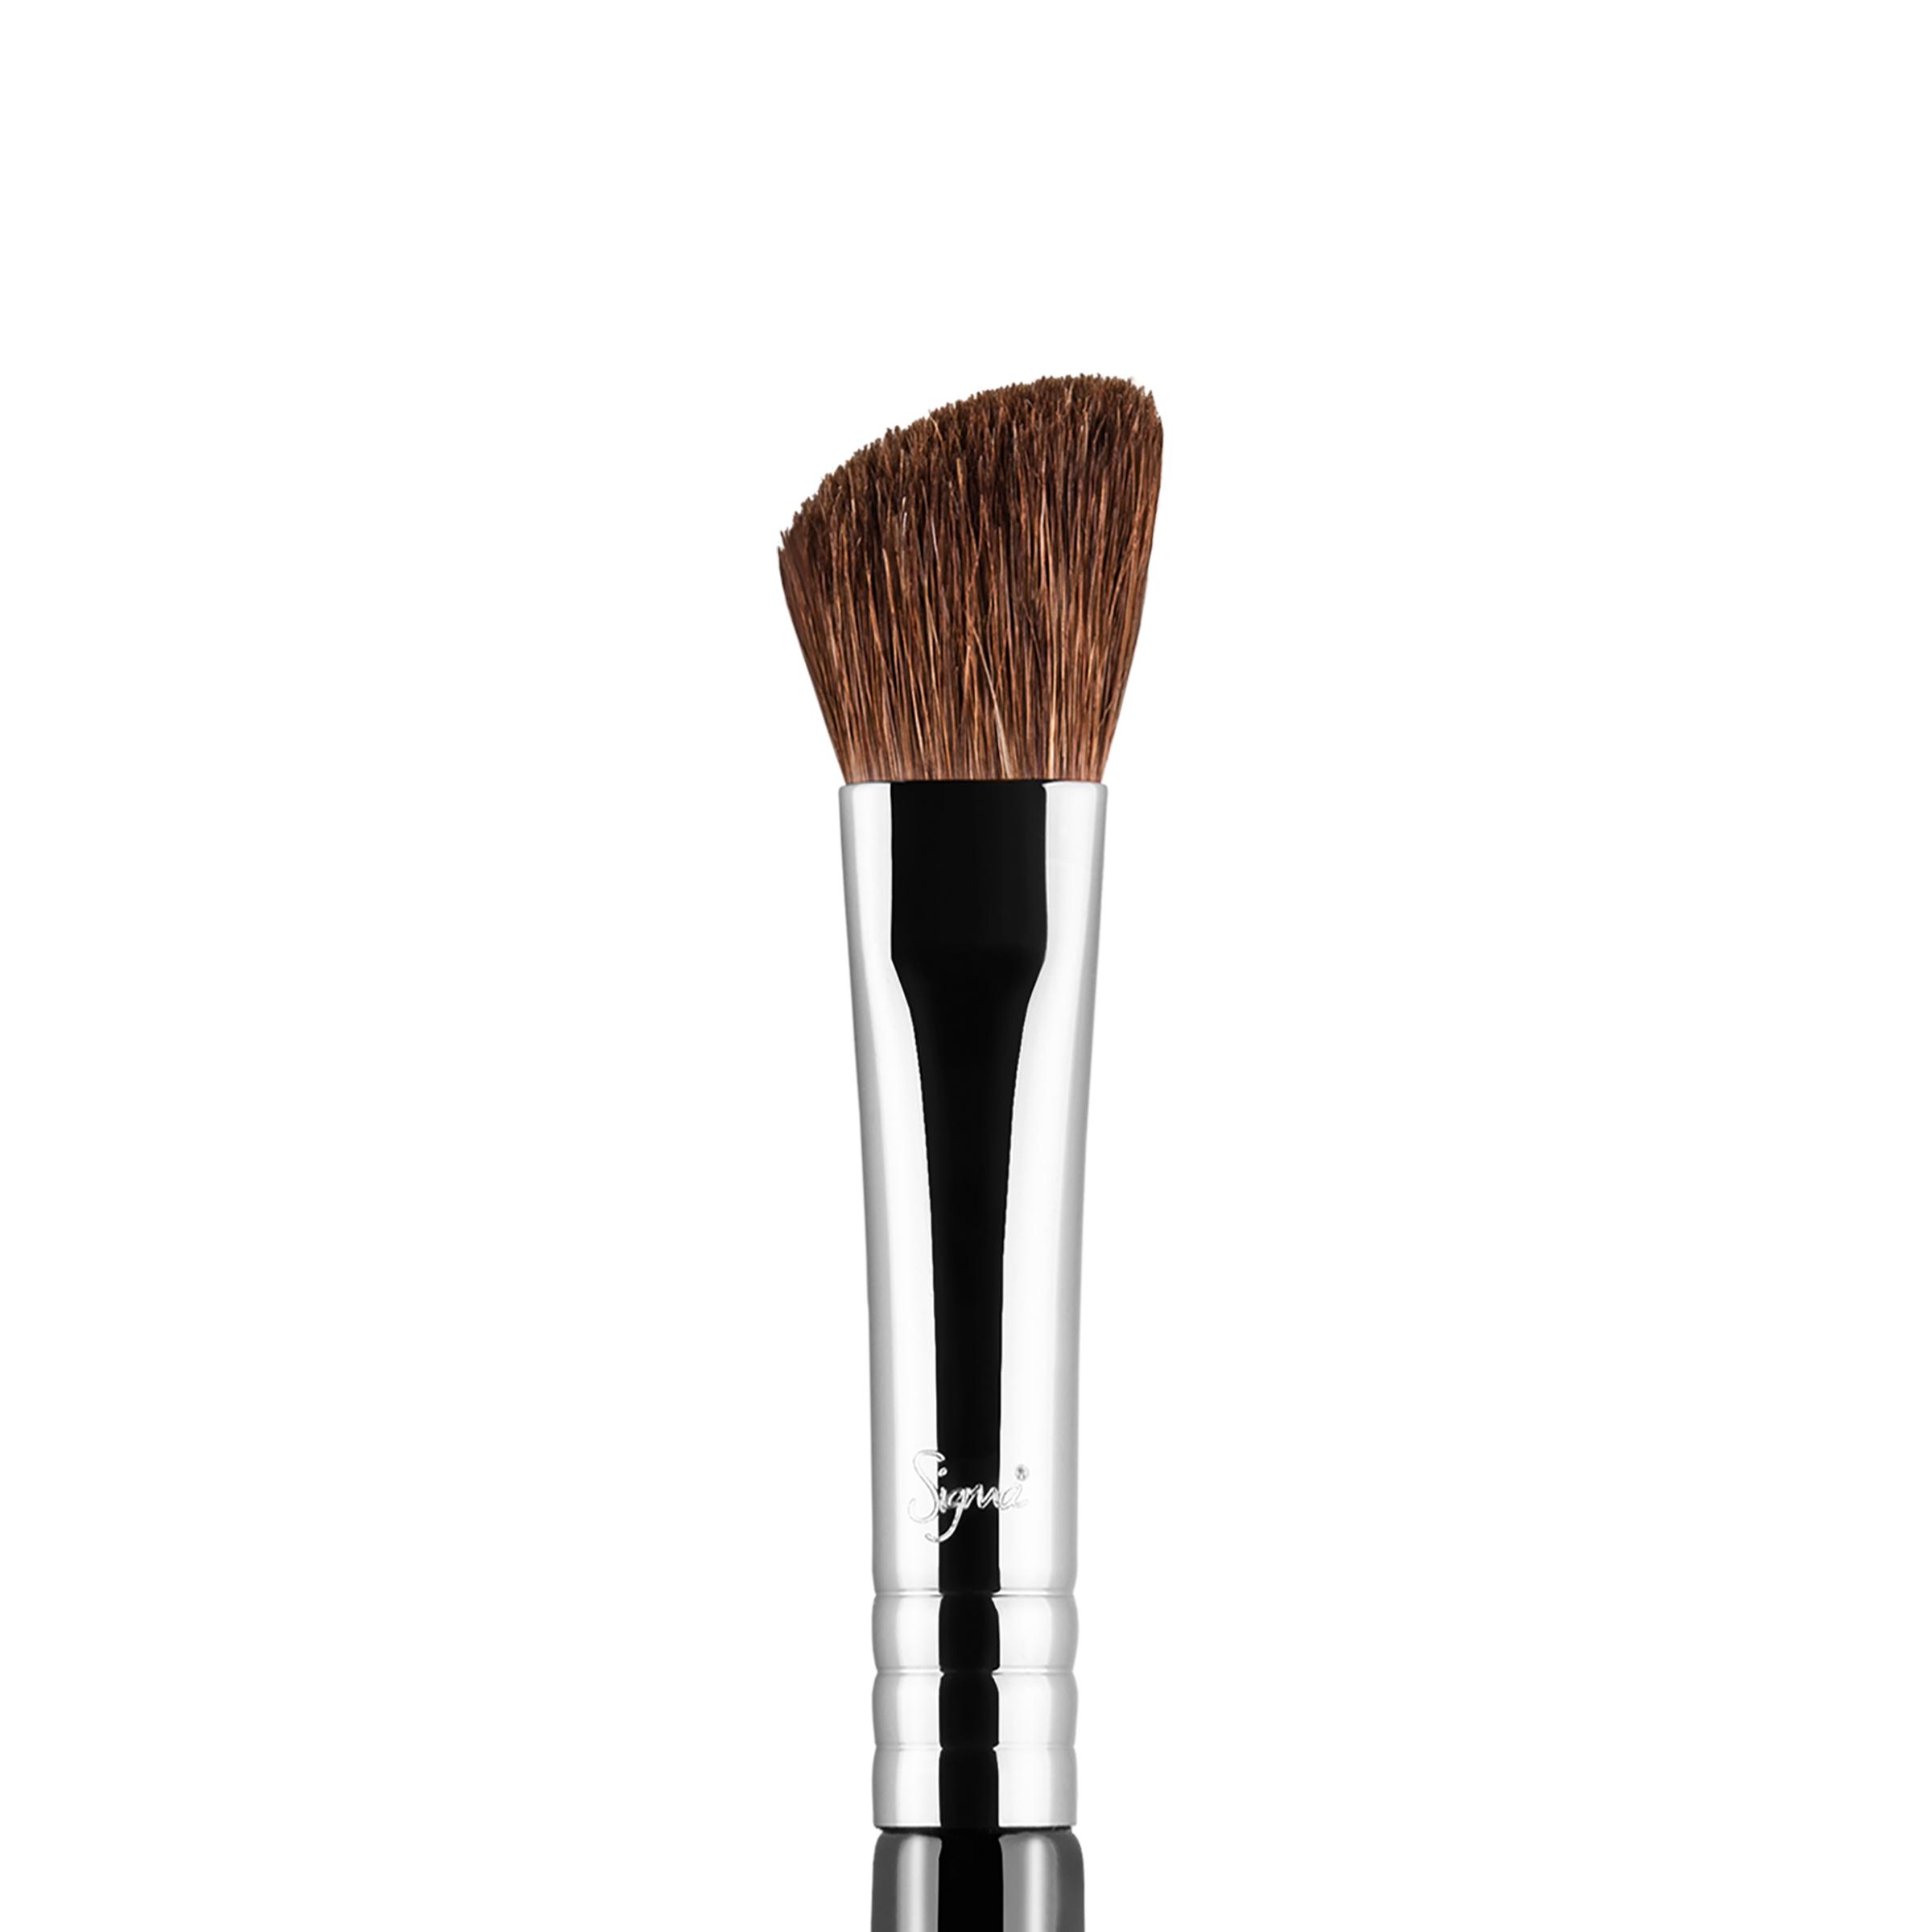 E70鼻影刷眼影刷修容刷阴影刷高光刷化妆刷刷sigma同款抖音推荐